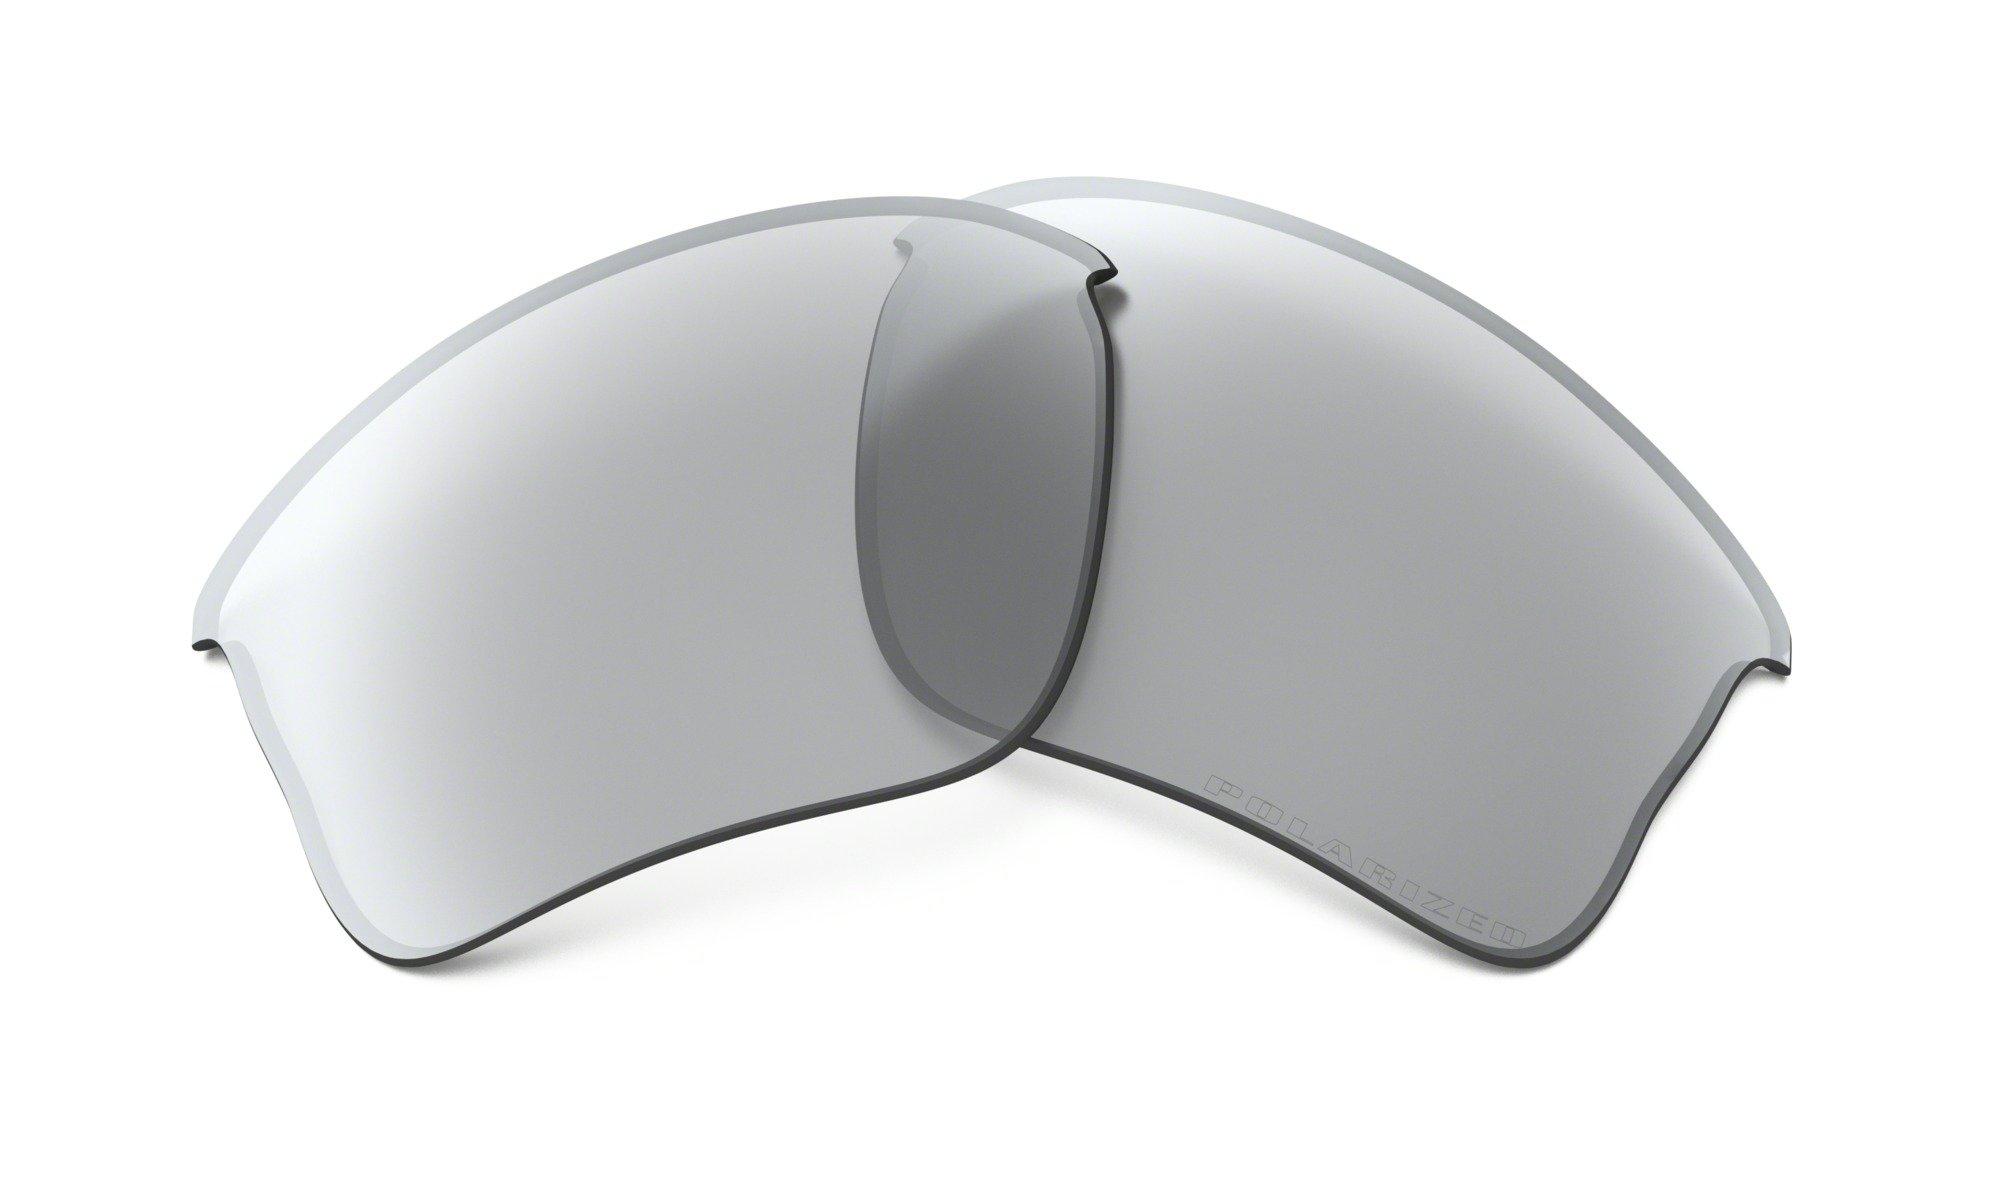 Oakley Flak XLJ Jacker Repl Polarized Lens,Multi Frame/Light Grey Lens,One Size by Oakley